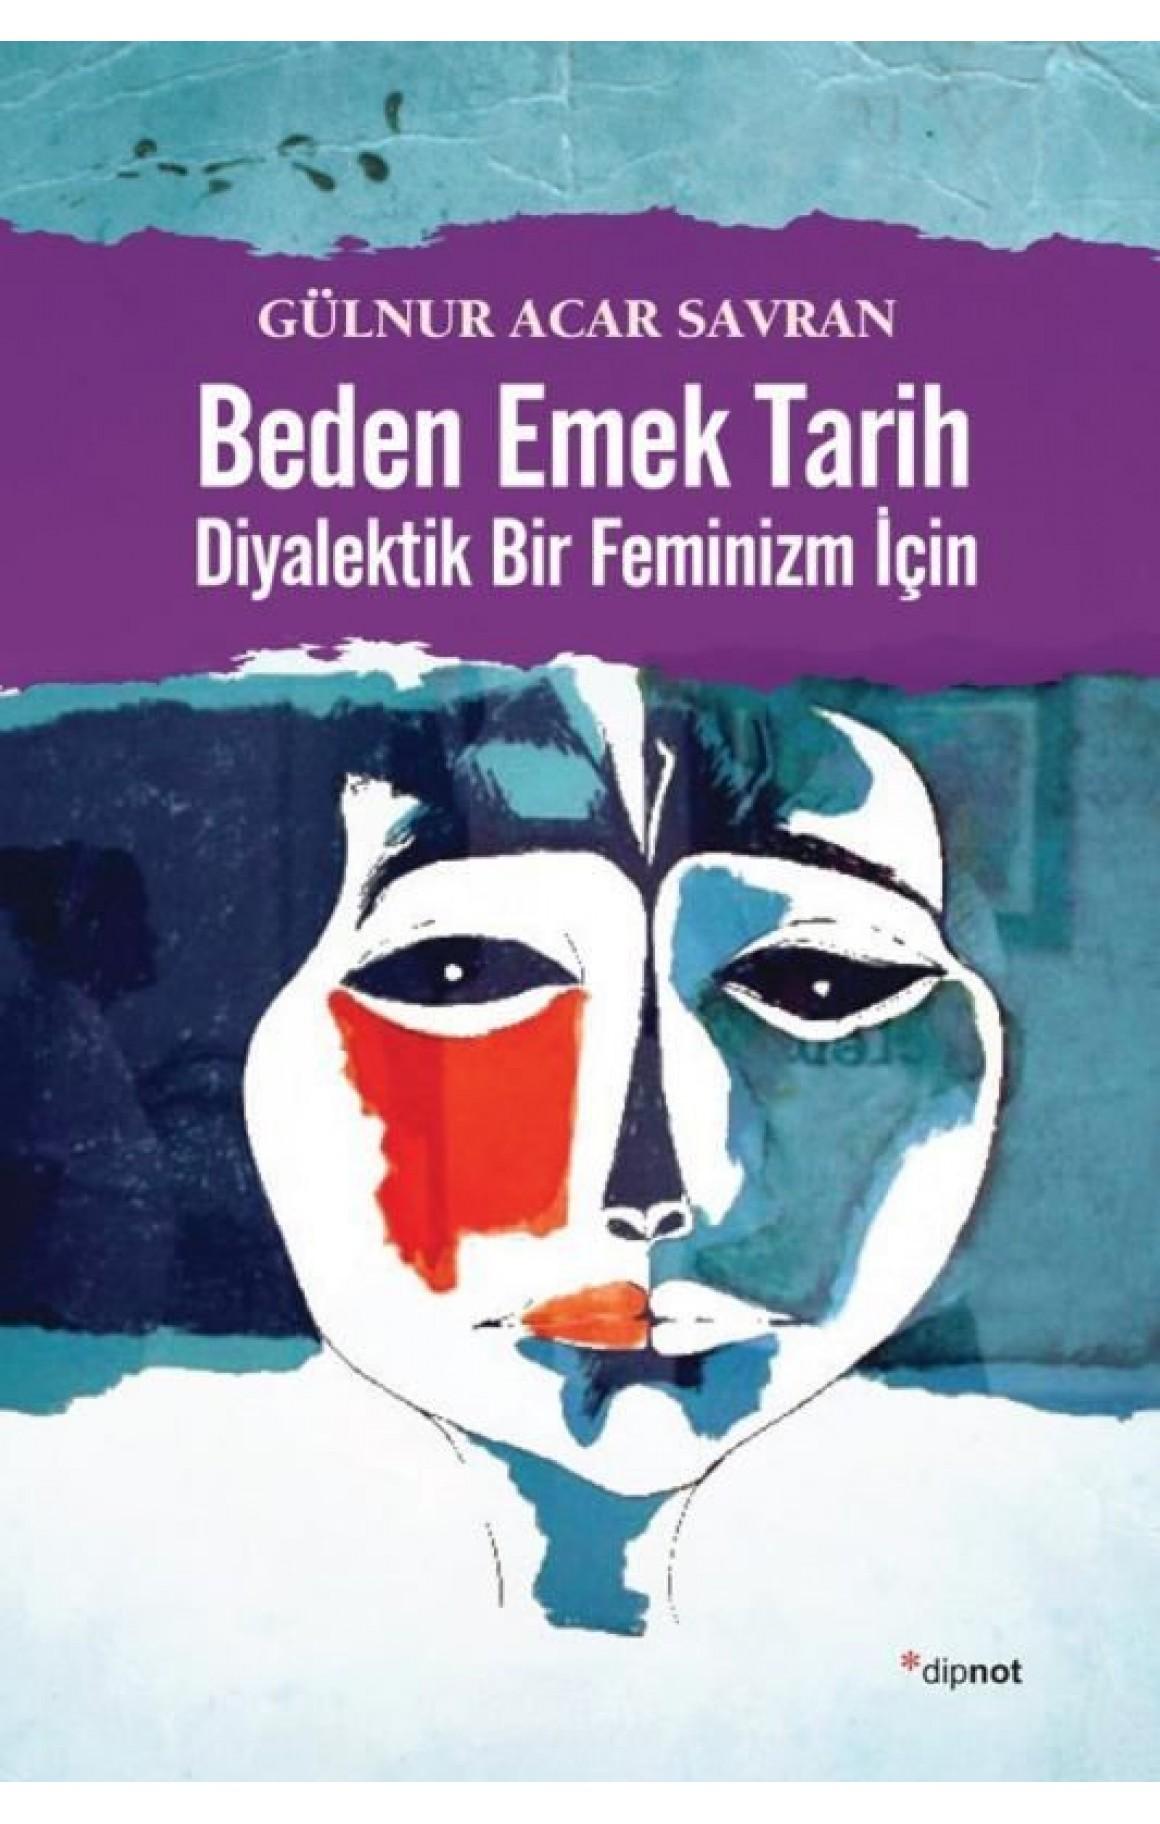 Beden Emek Tarihi-Diyalektik Bir Feminizm İçin